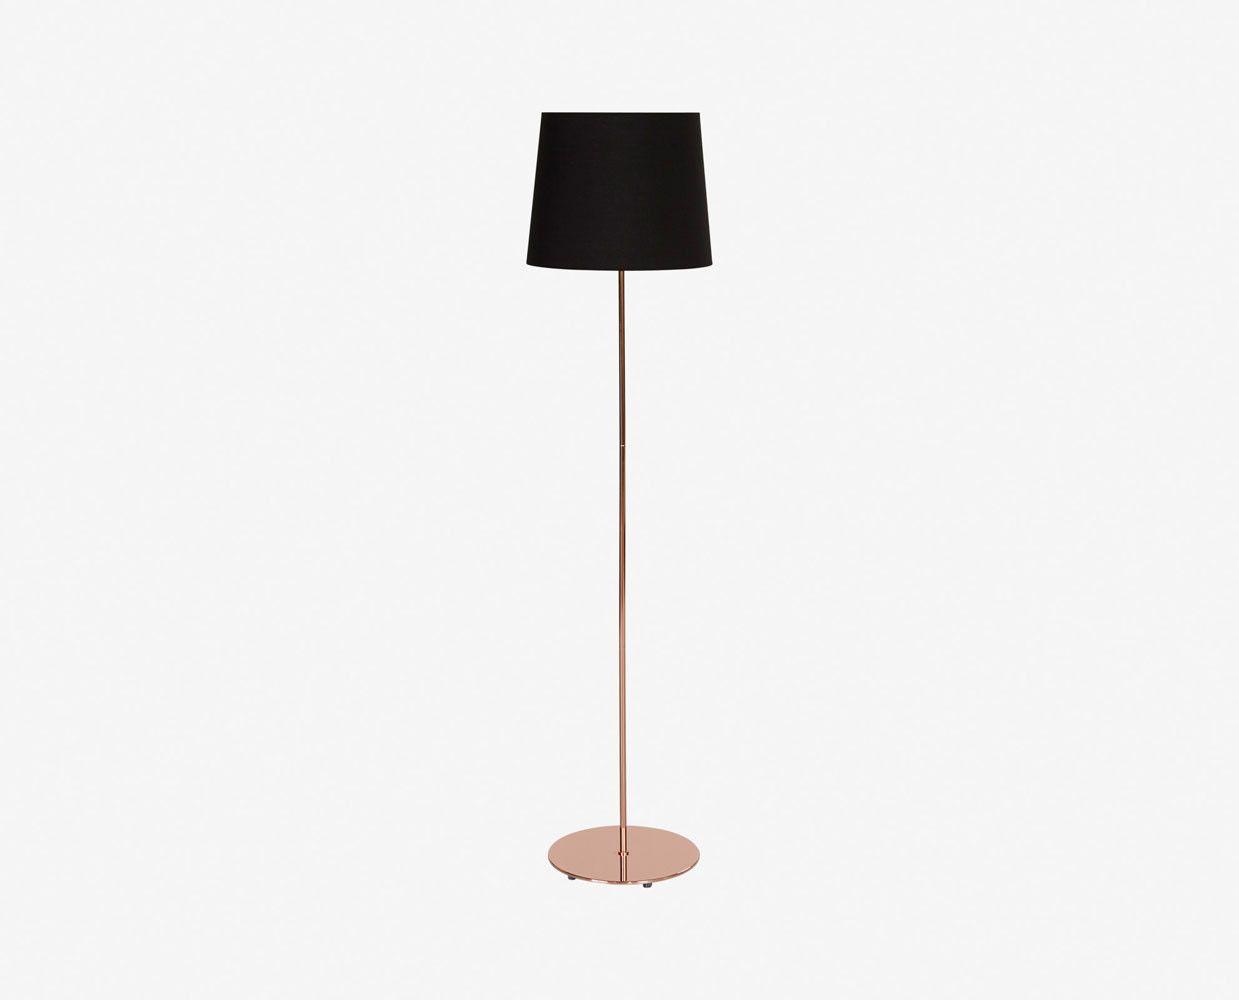 SOLVI FLOOR LAMP | Floor lamp, Lighting, Home decor accessories